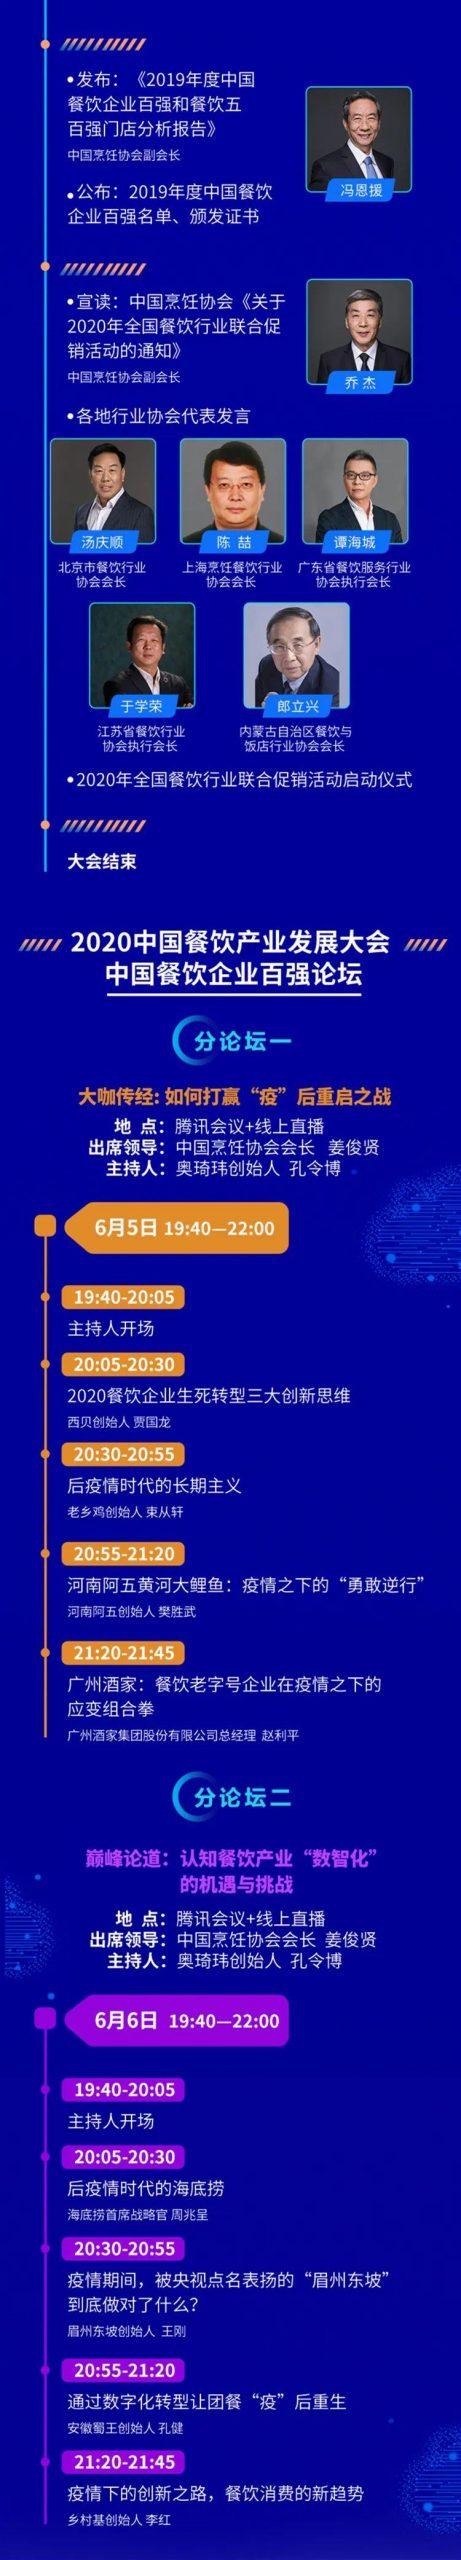 """020中国餐饮产业发展大会,共探""""云端""""破局之道"""""""